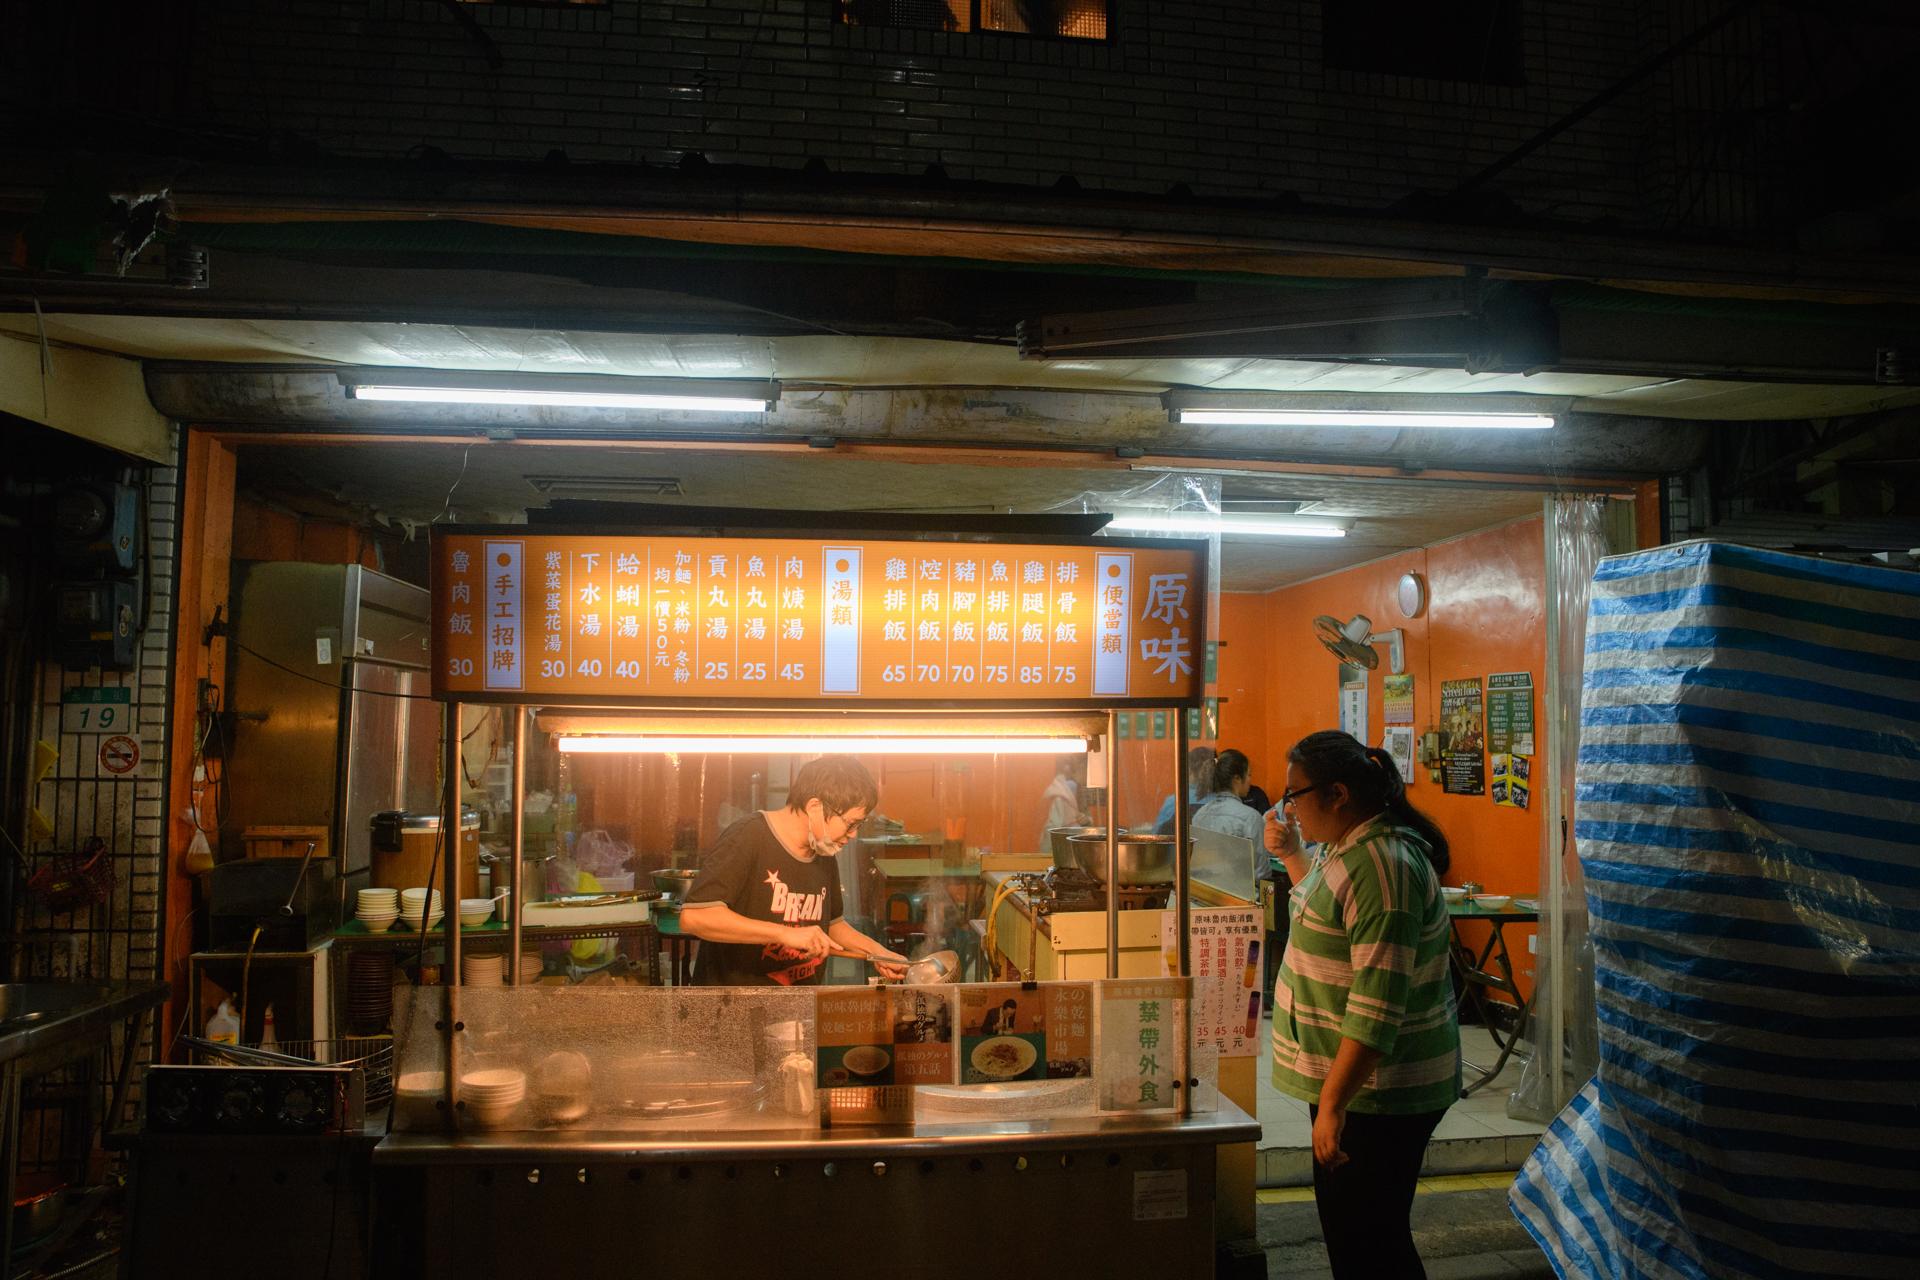 台湾 台北 寧夏路夜市 孤独のグルメ 原味魯肉飯 D850+SP 24-70mm F/2.8 Di VC USD G2